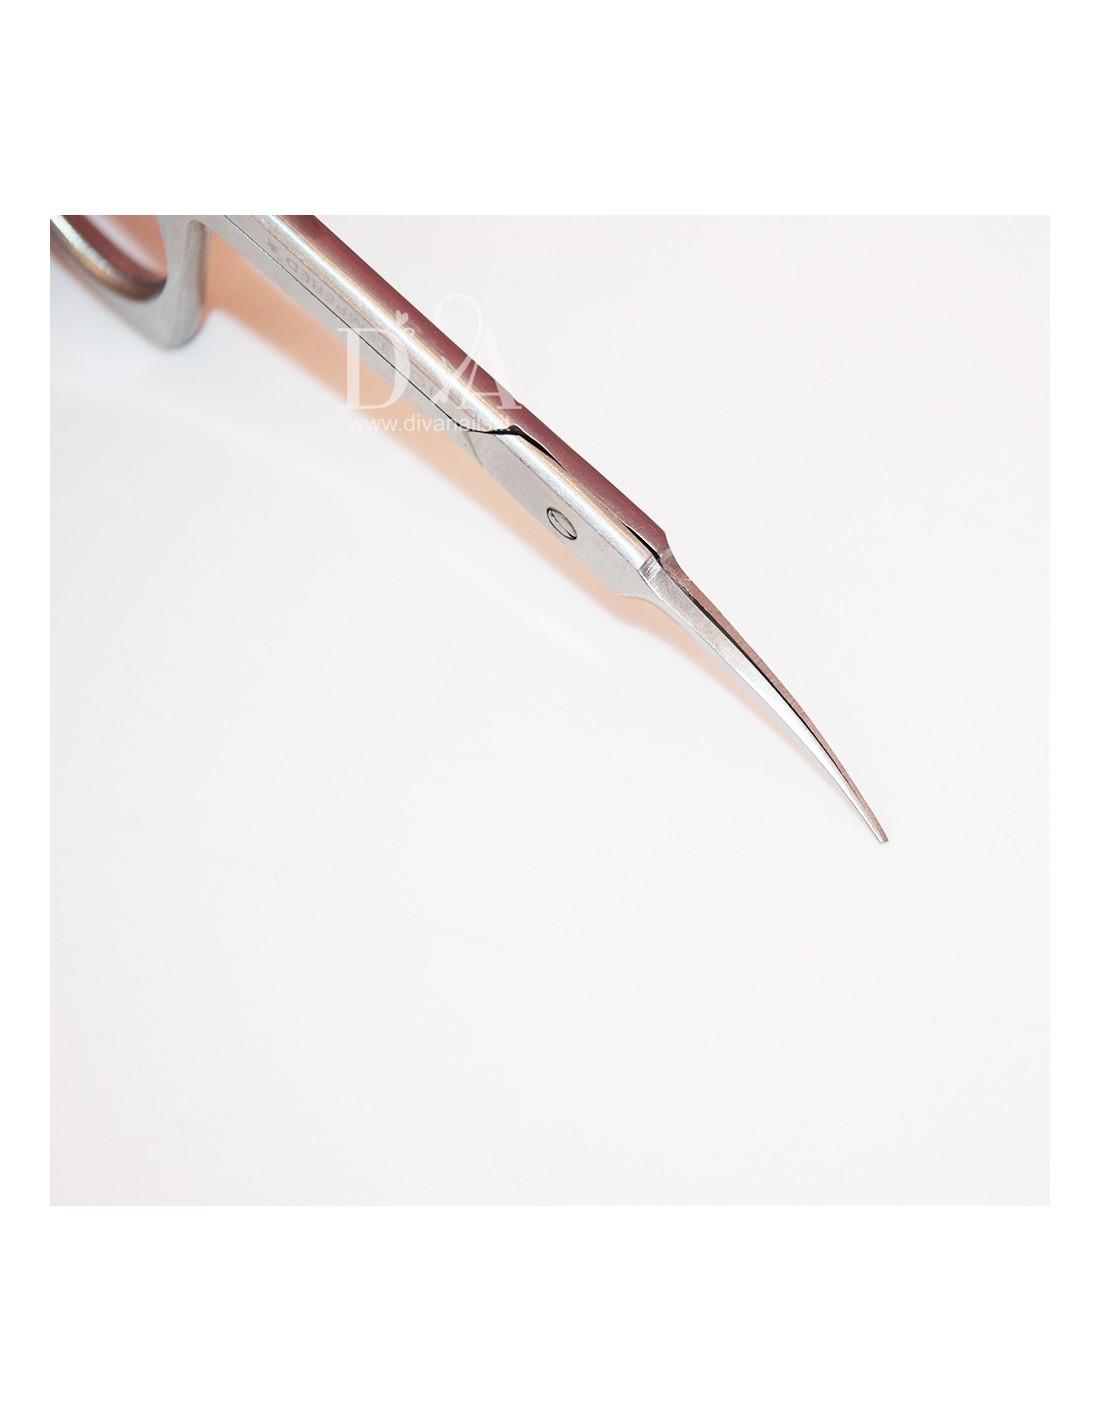 Forbicine manicure per cuticola diva nails shop - Diva nails prodotti ...